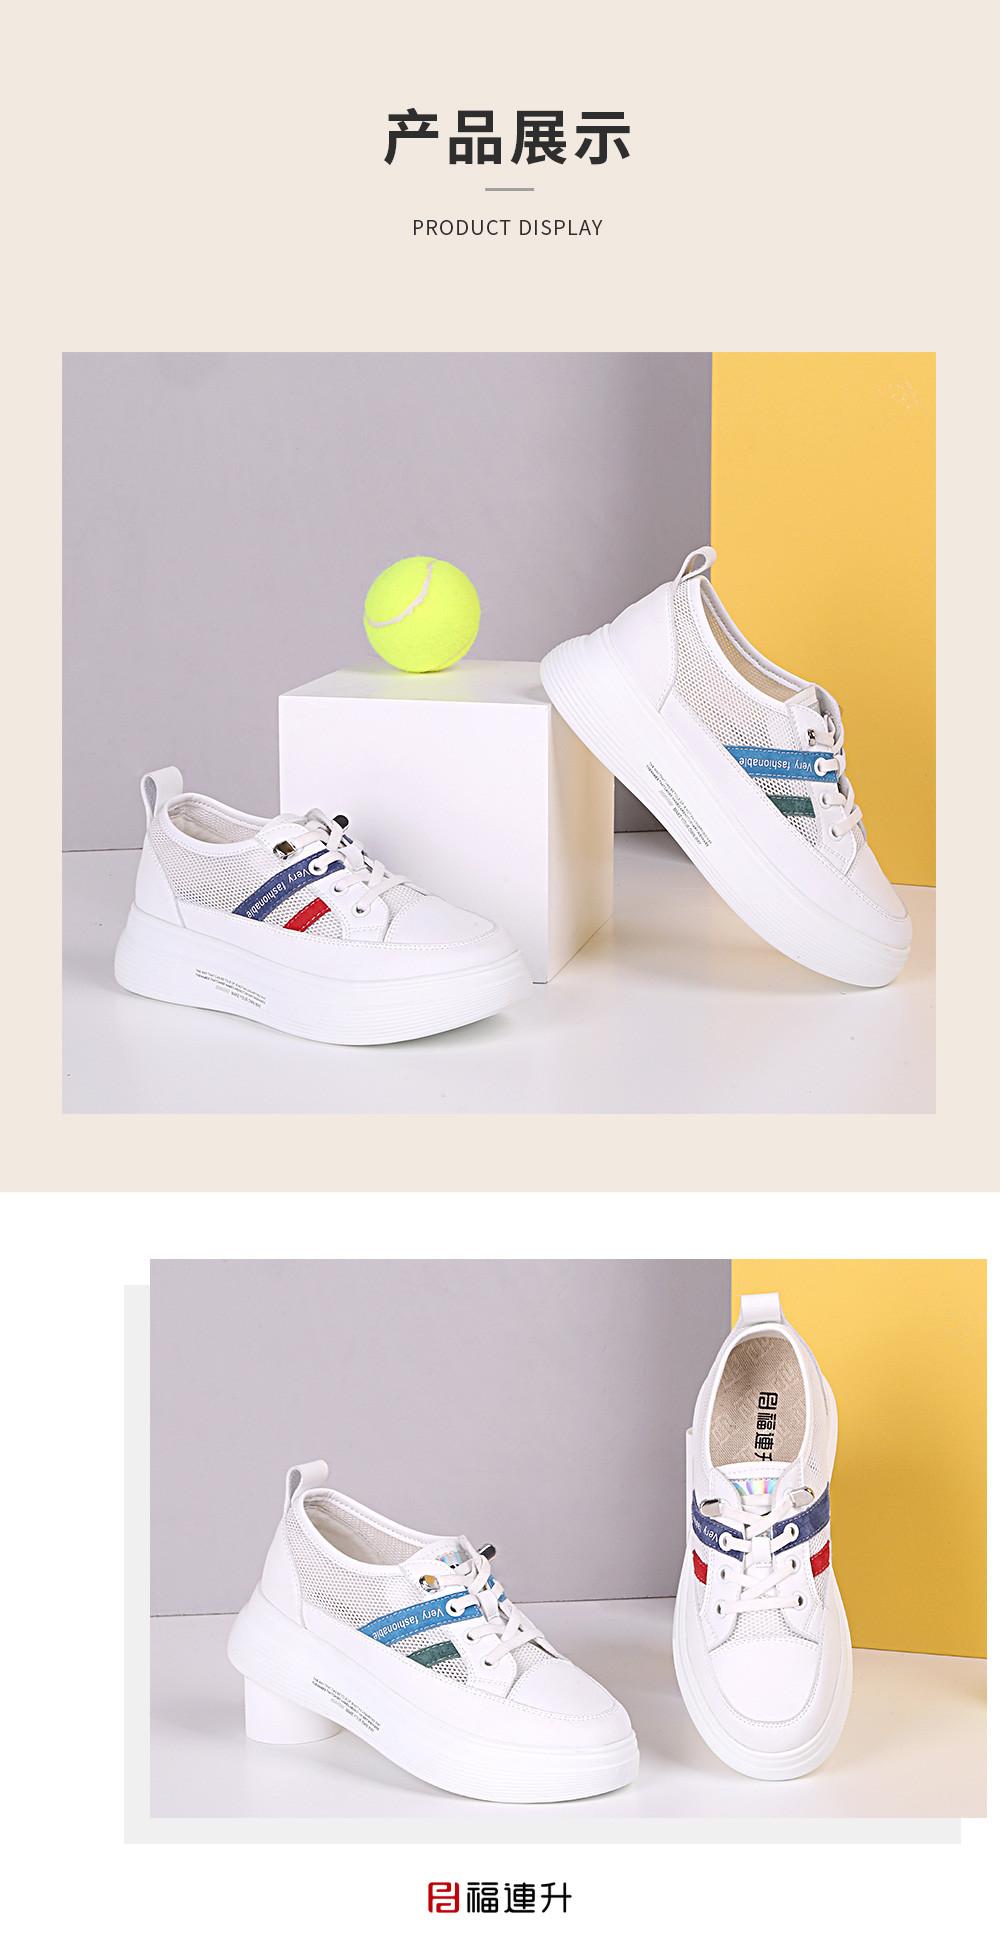 福连升厚底小白鞋女鞋 夏季新款薄款网面鞋松糕鞋图片